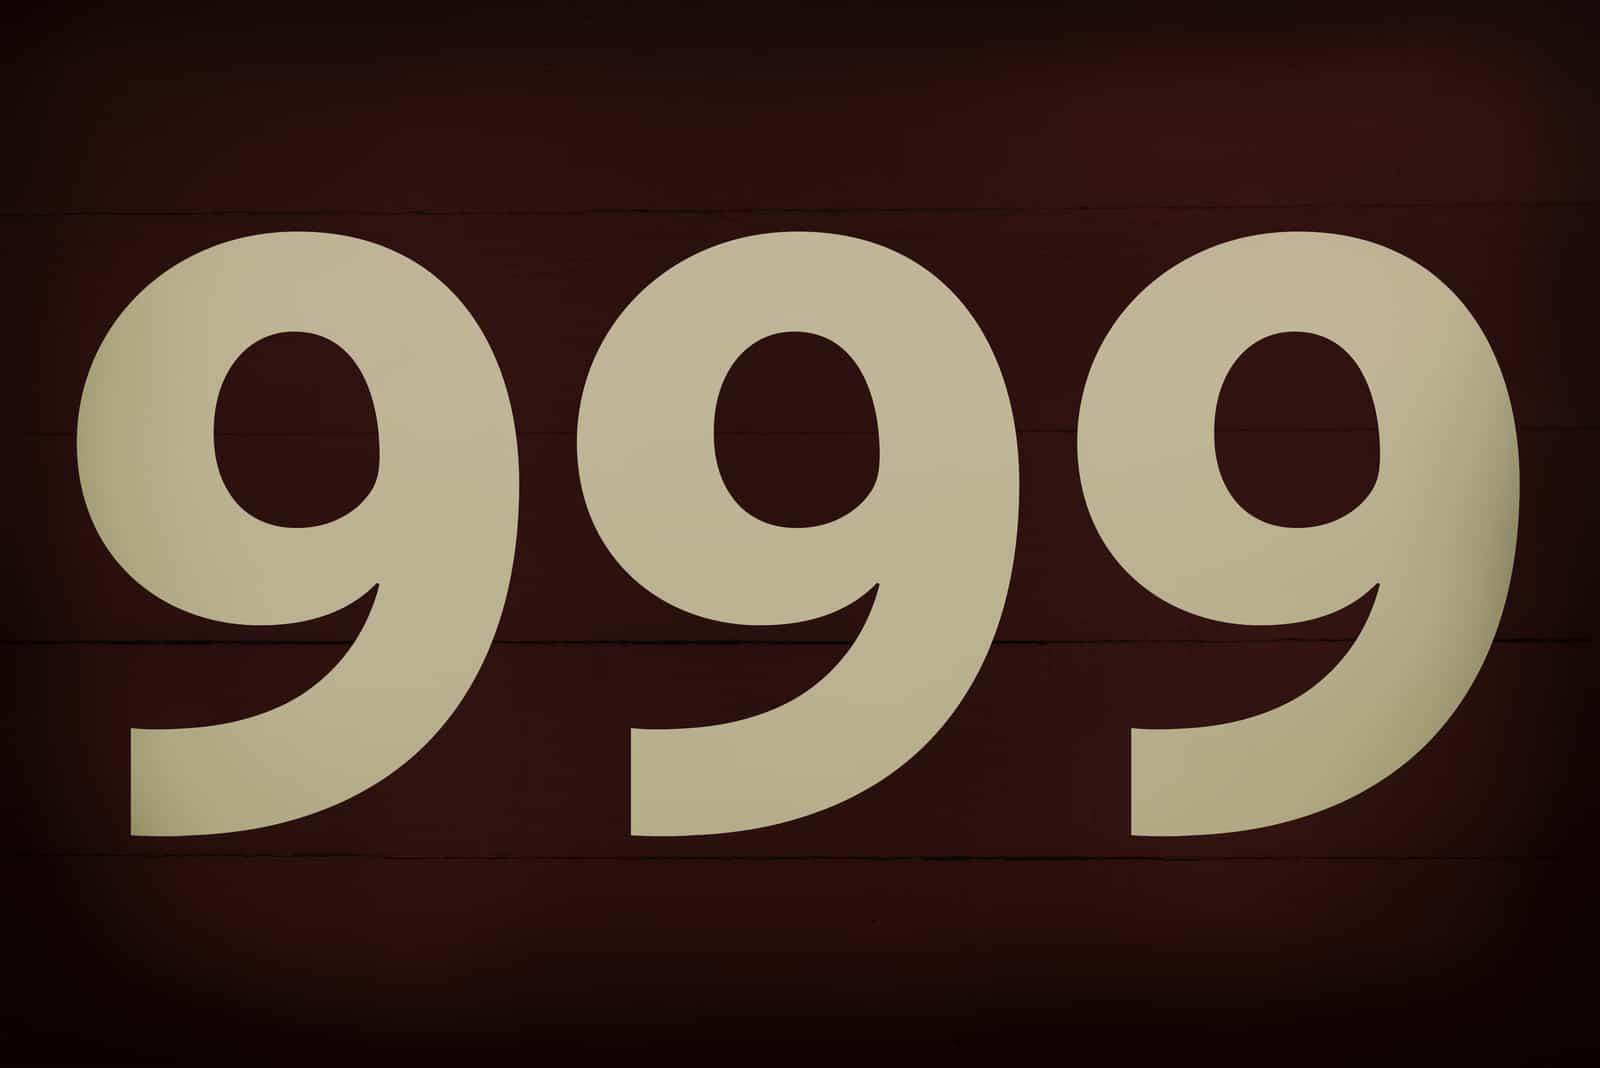 Nummer 999 auf schwarzem Hintergrund